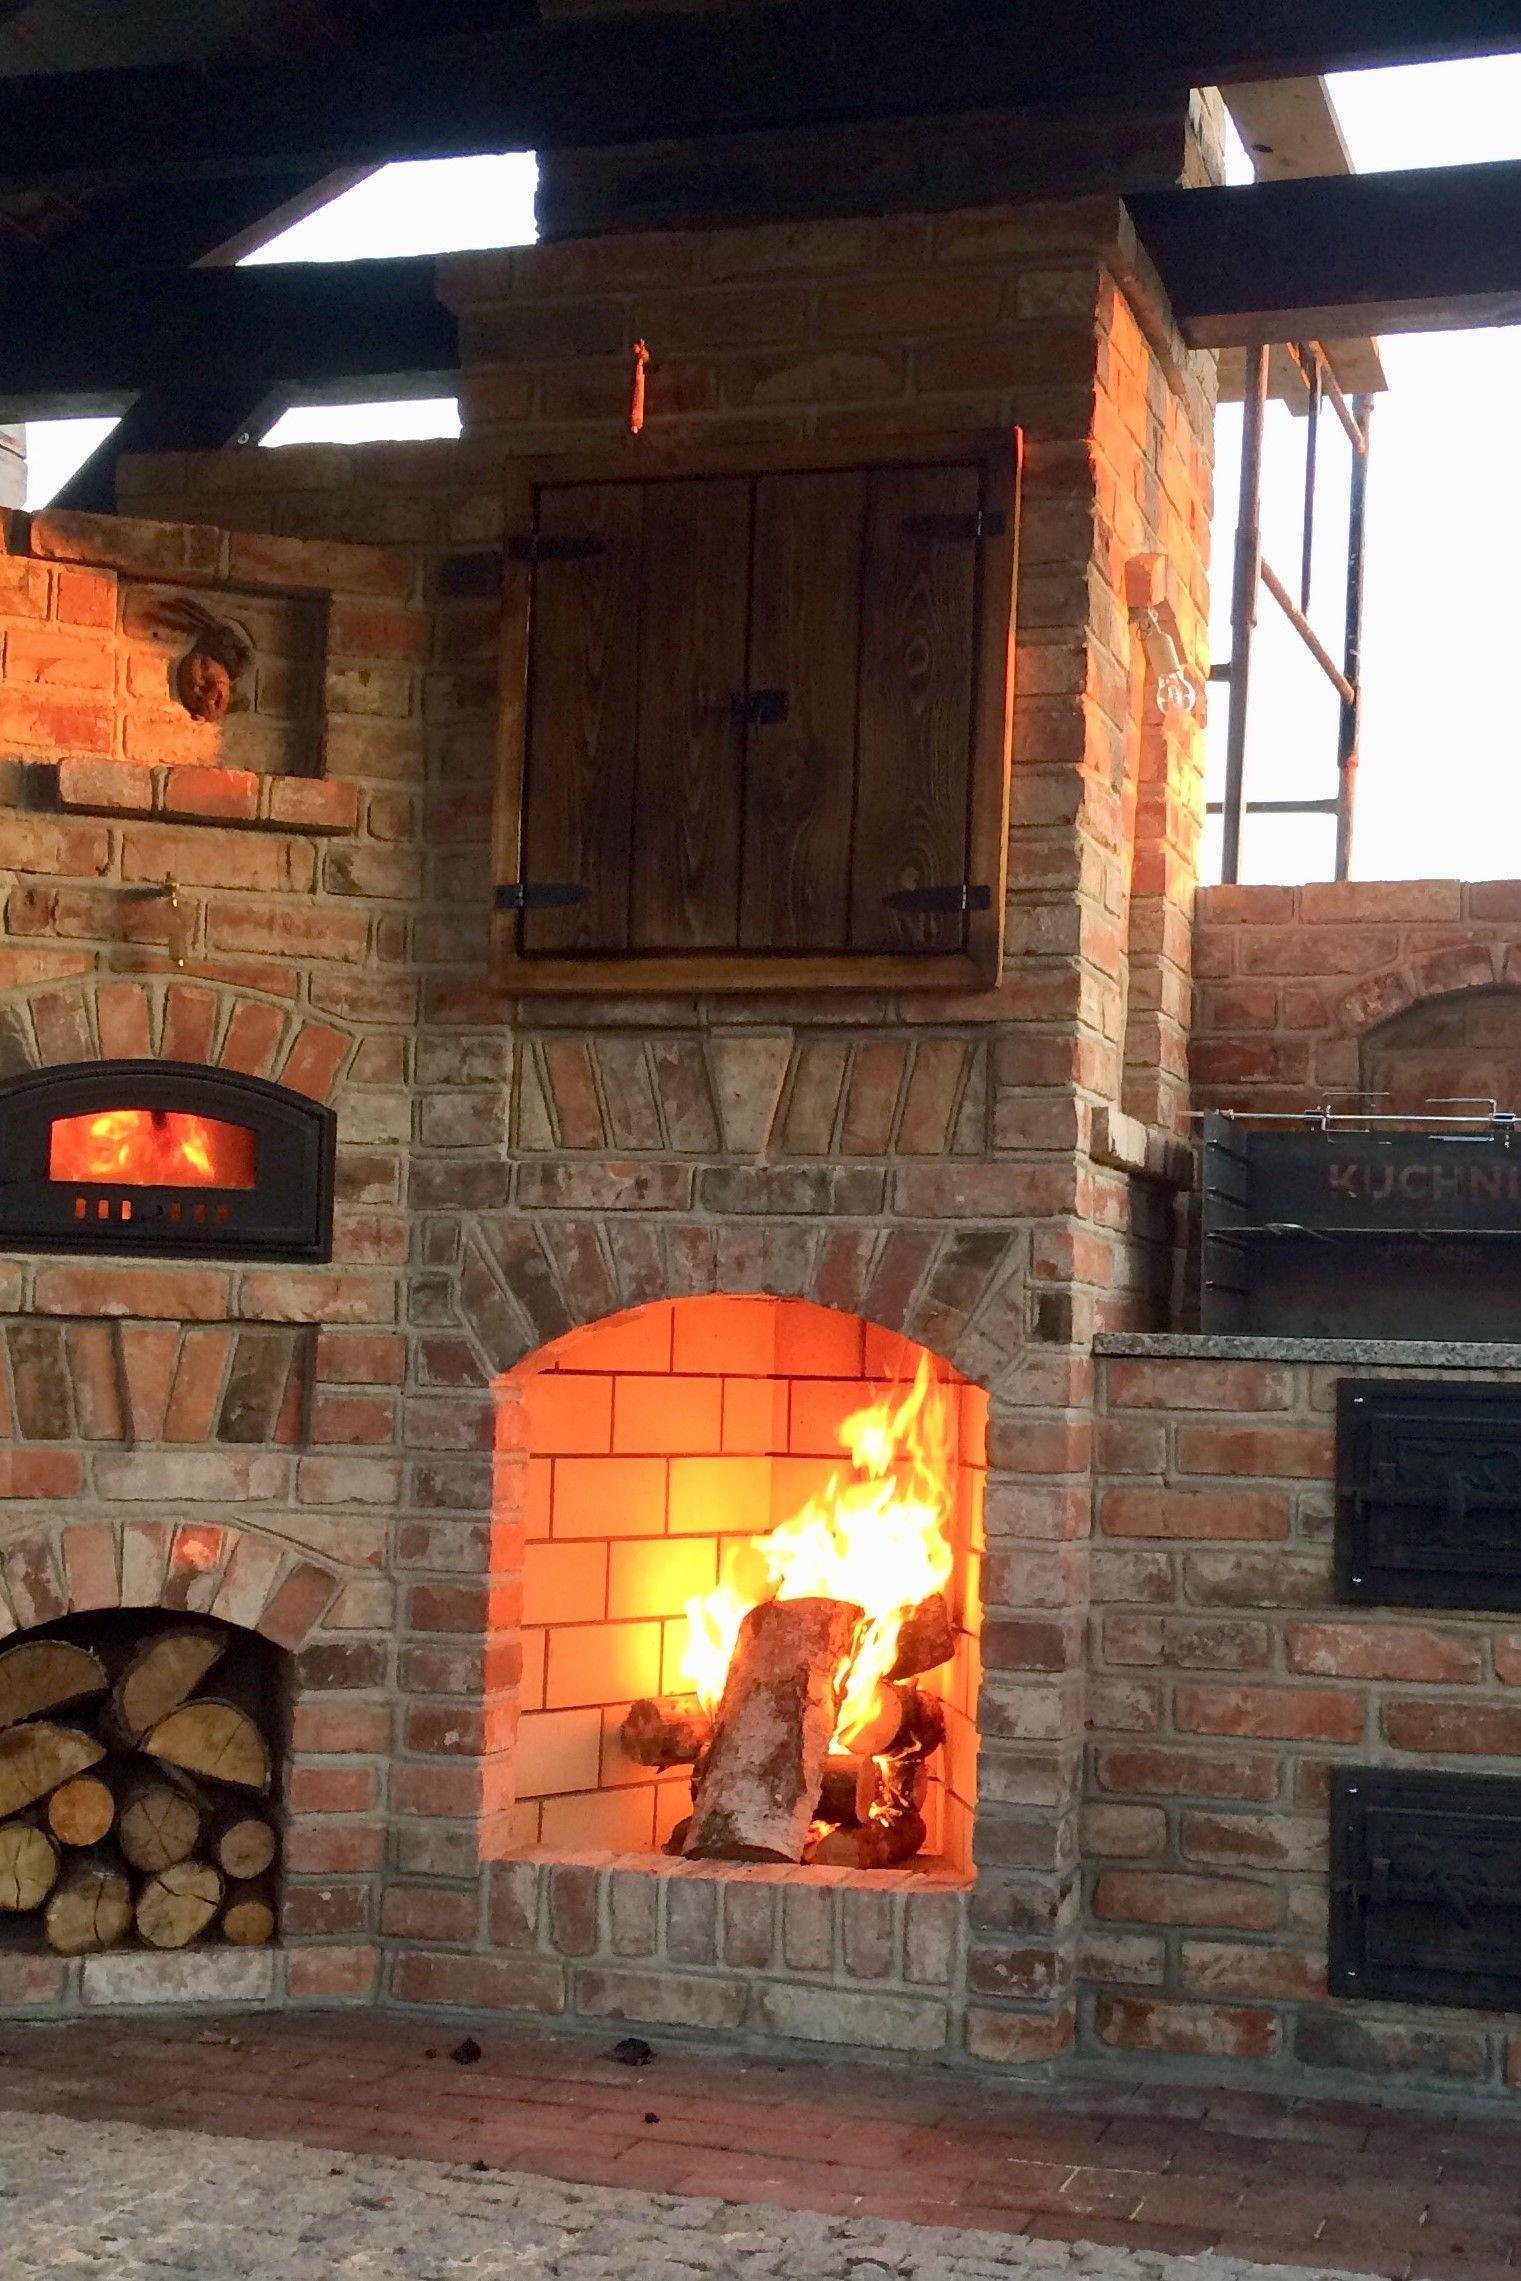 Pin By Kuchnia W Ogrodzie On Kuchnia Letnia Outdoor Kitchen Sauna Diy Backyard Bbq